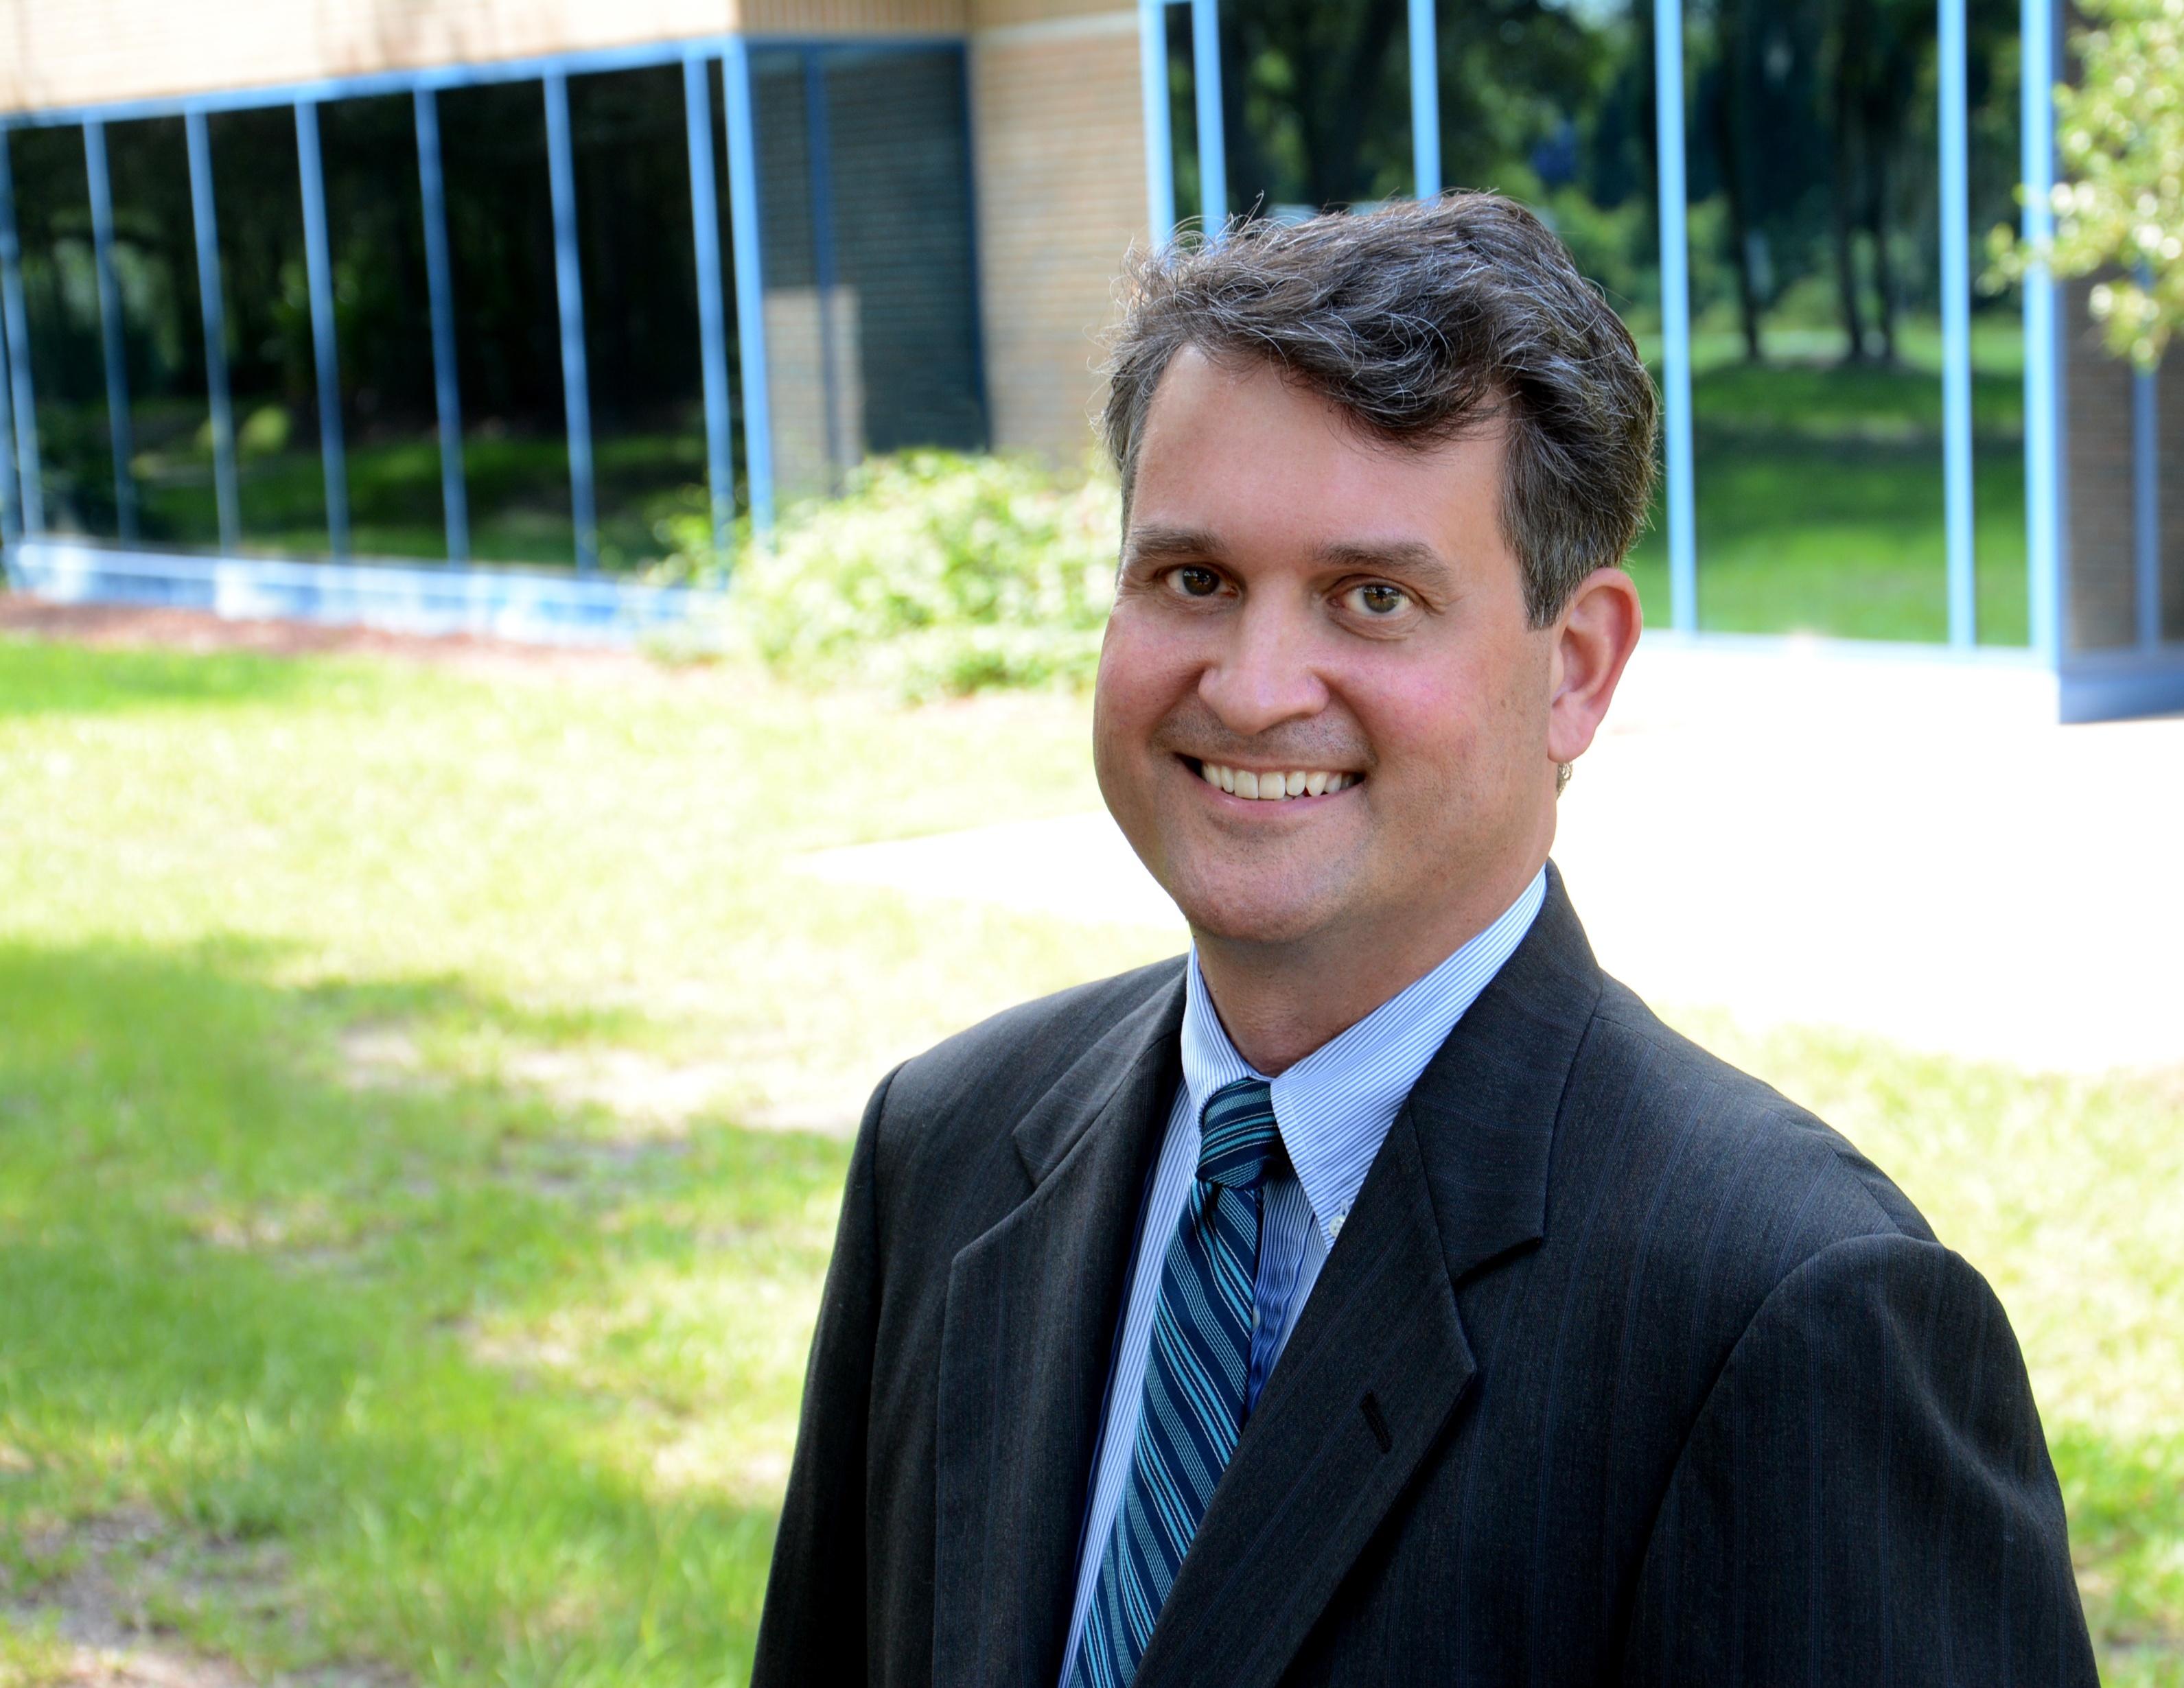 Paul R. Witkowski